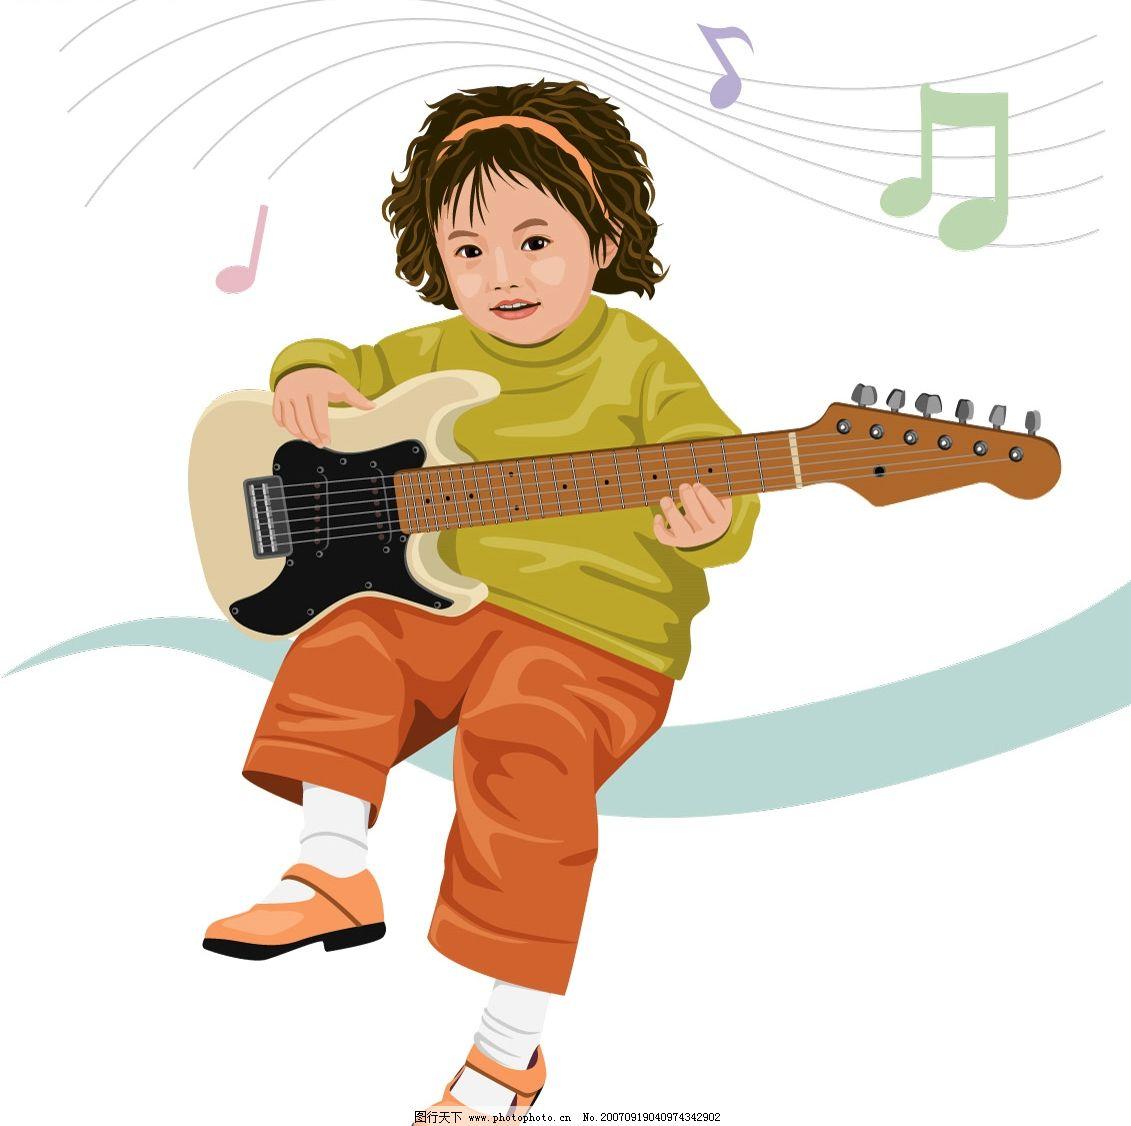 弹吉他女孩 儿童 矢量儿童 韩国儿童矢量图 卡通儿童矢量图 儿童矢量